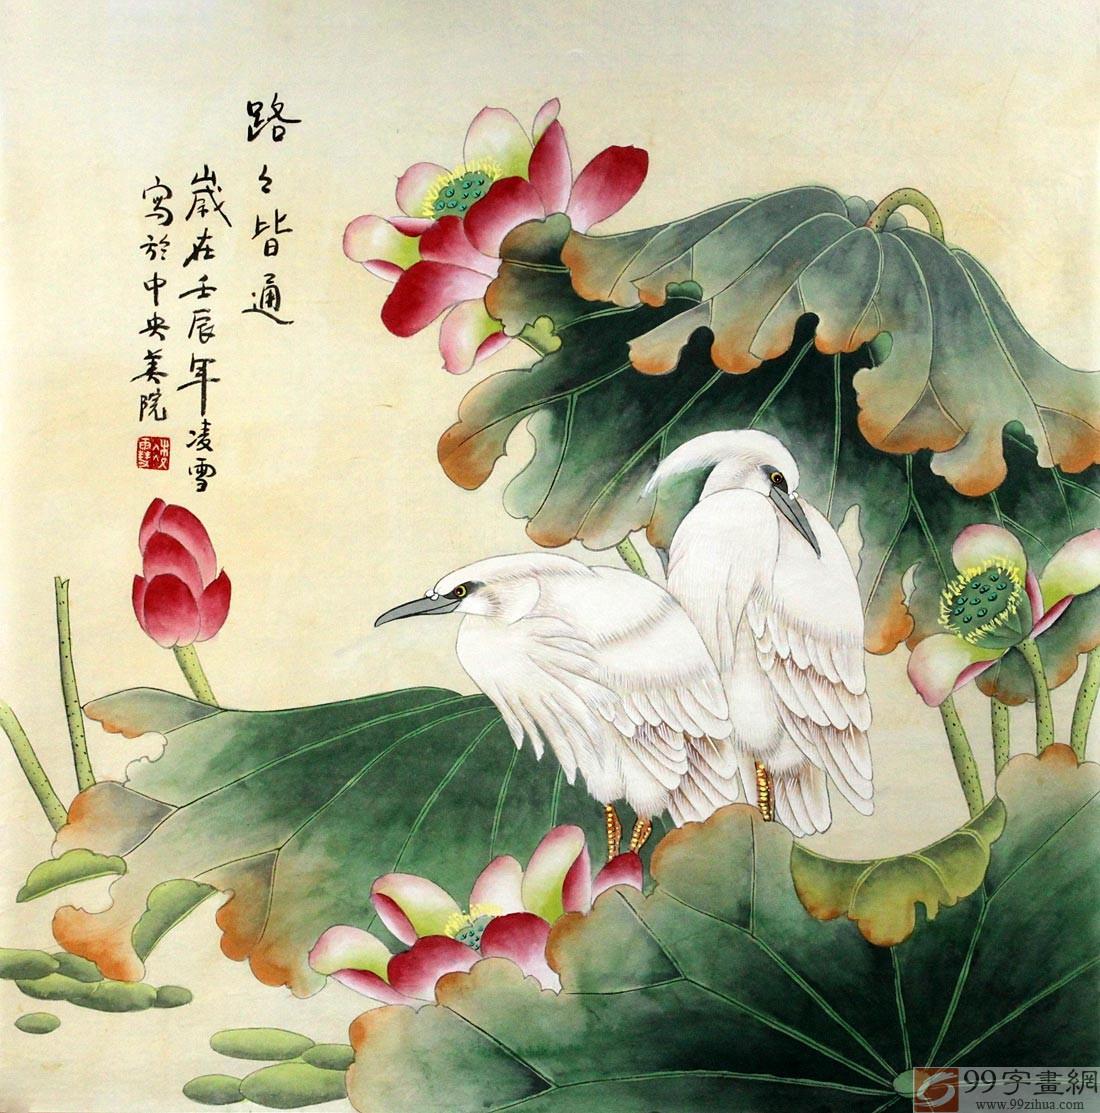 国画白鹭荷花图 - 荷花图 - 99字画网